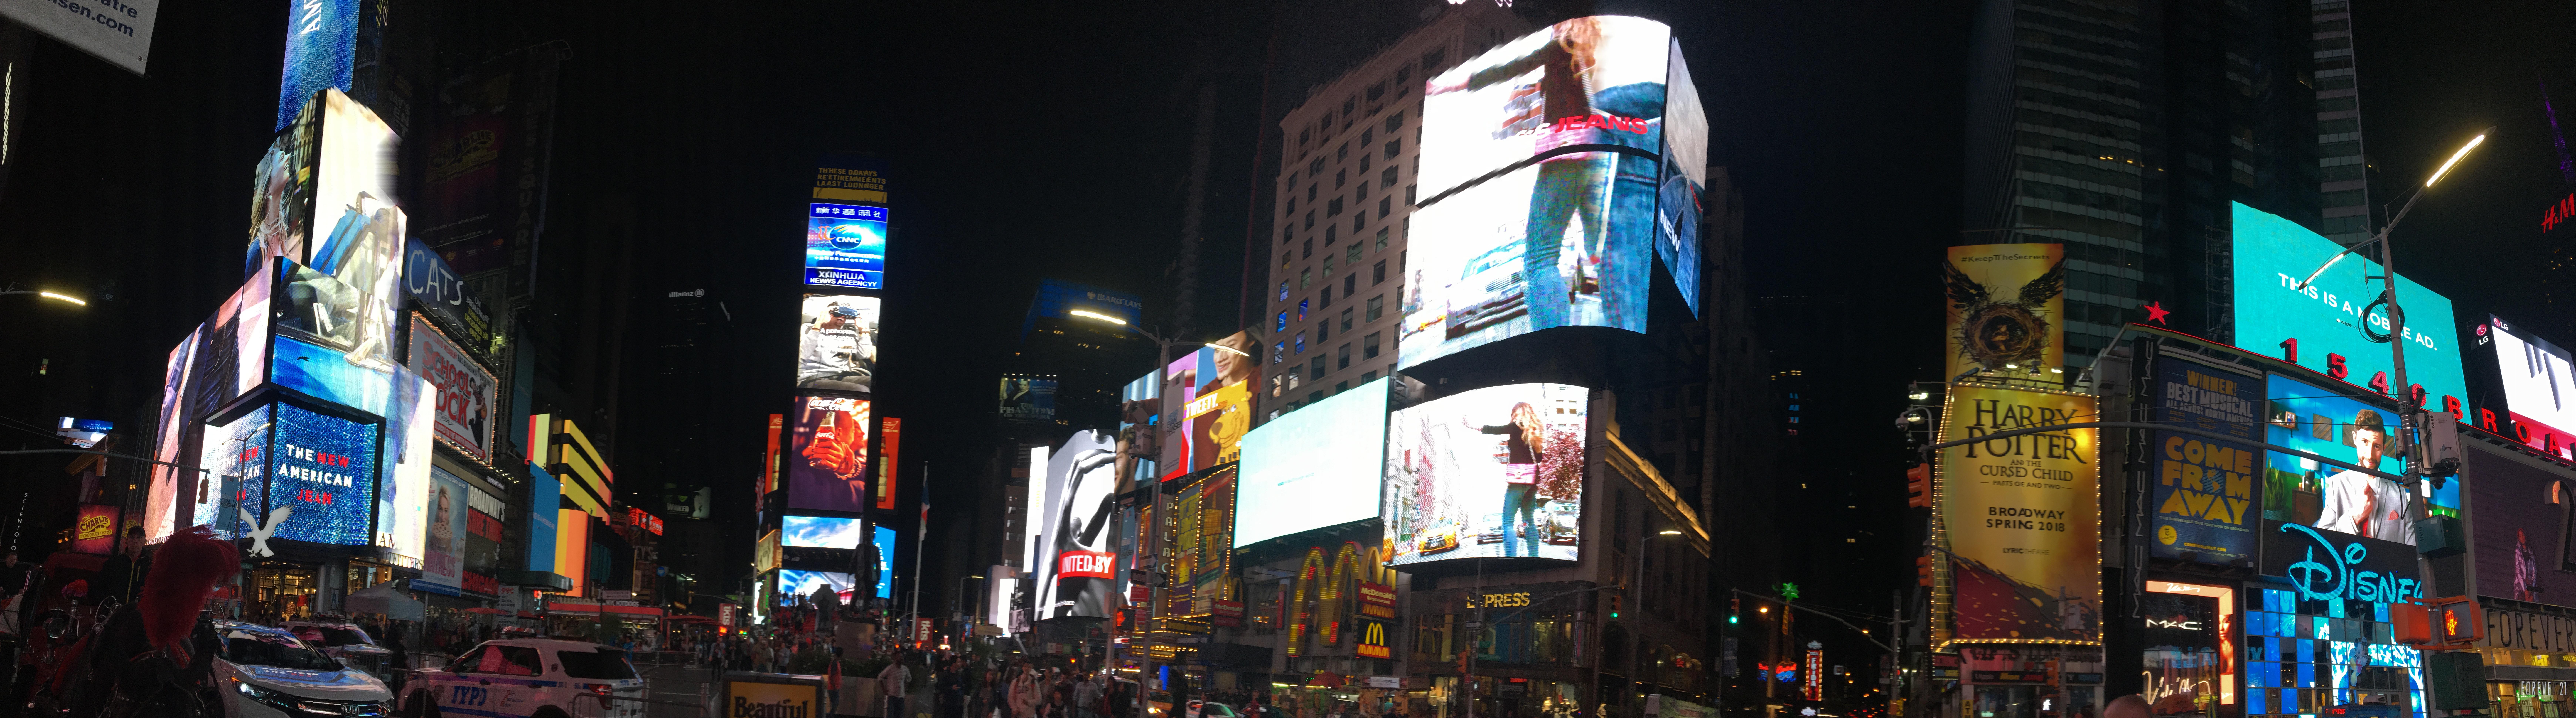 lolanoviajasola nueya york